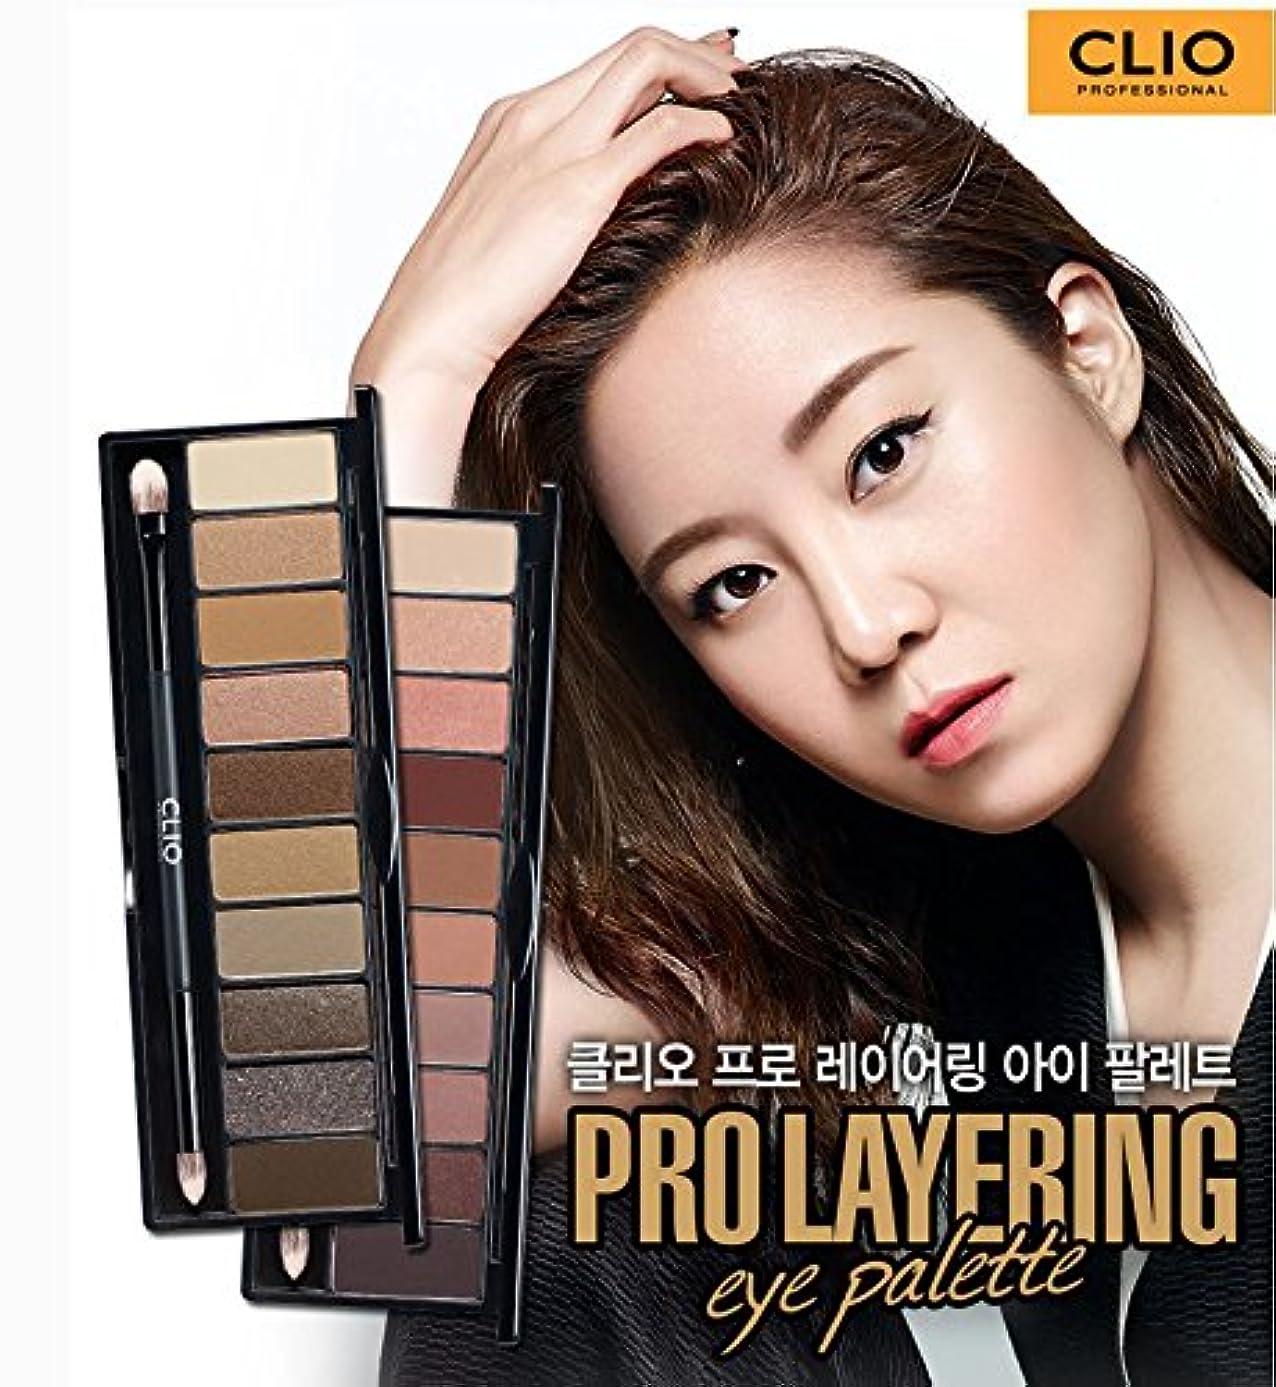 どっちオーケストラ摂動Clio Eye Shadow 10Colors Pro Layering Eye Palette Makeup/[韓国コスメ CLIO] プロ レイヤーリング アイ?パレット (#2 Handcraft) [並行輸入品]